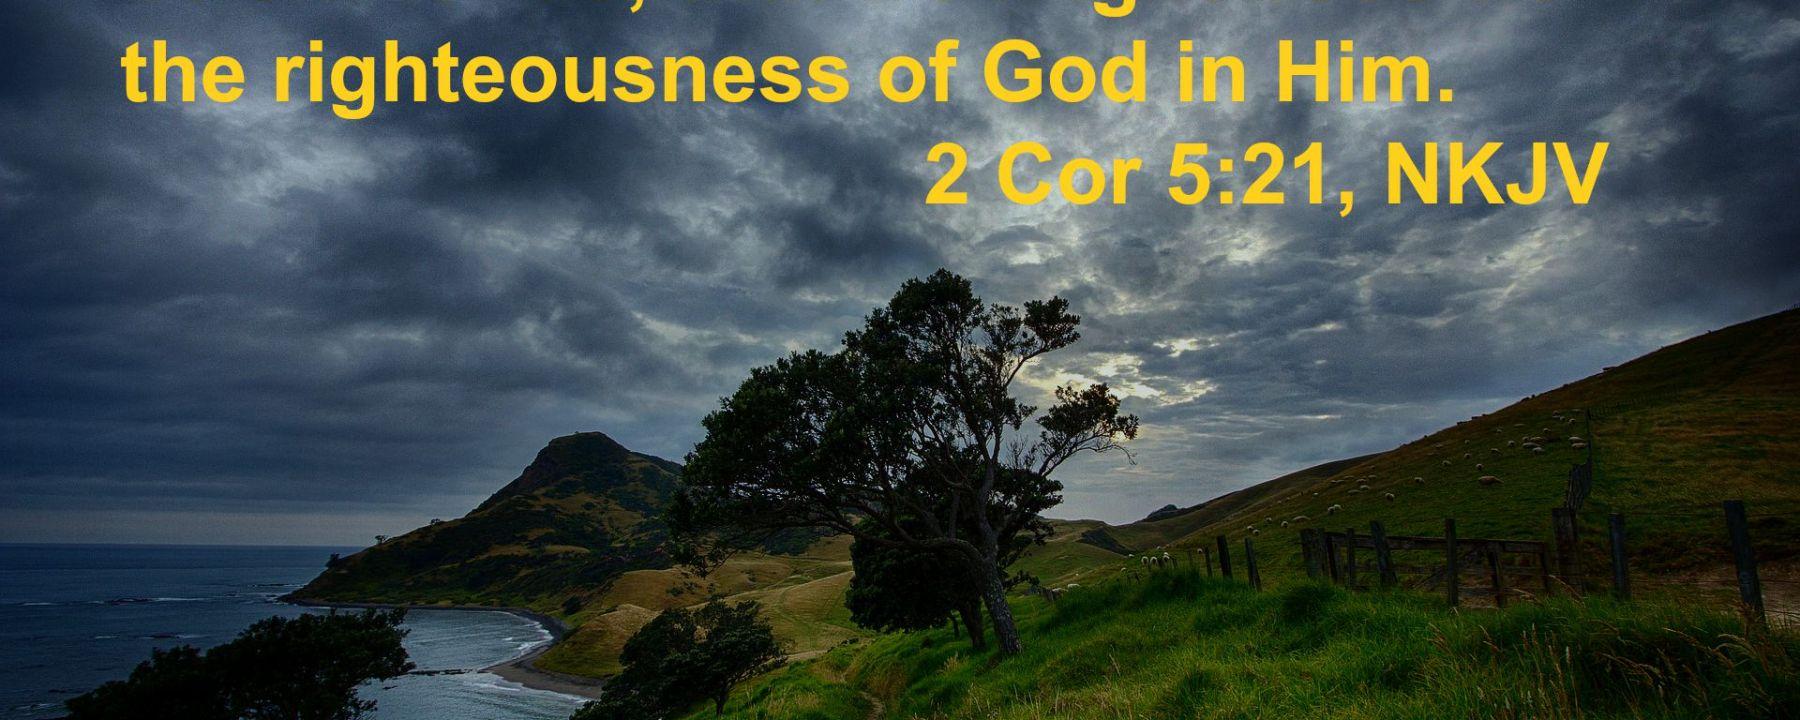 2 Cor 5:21